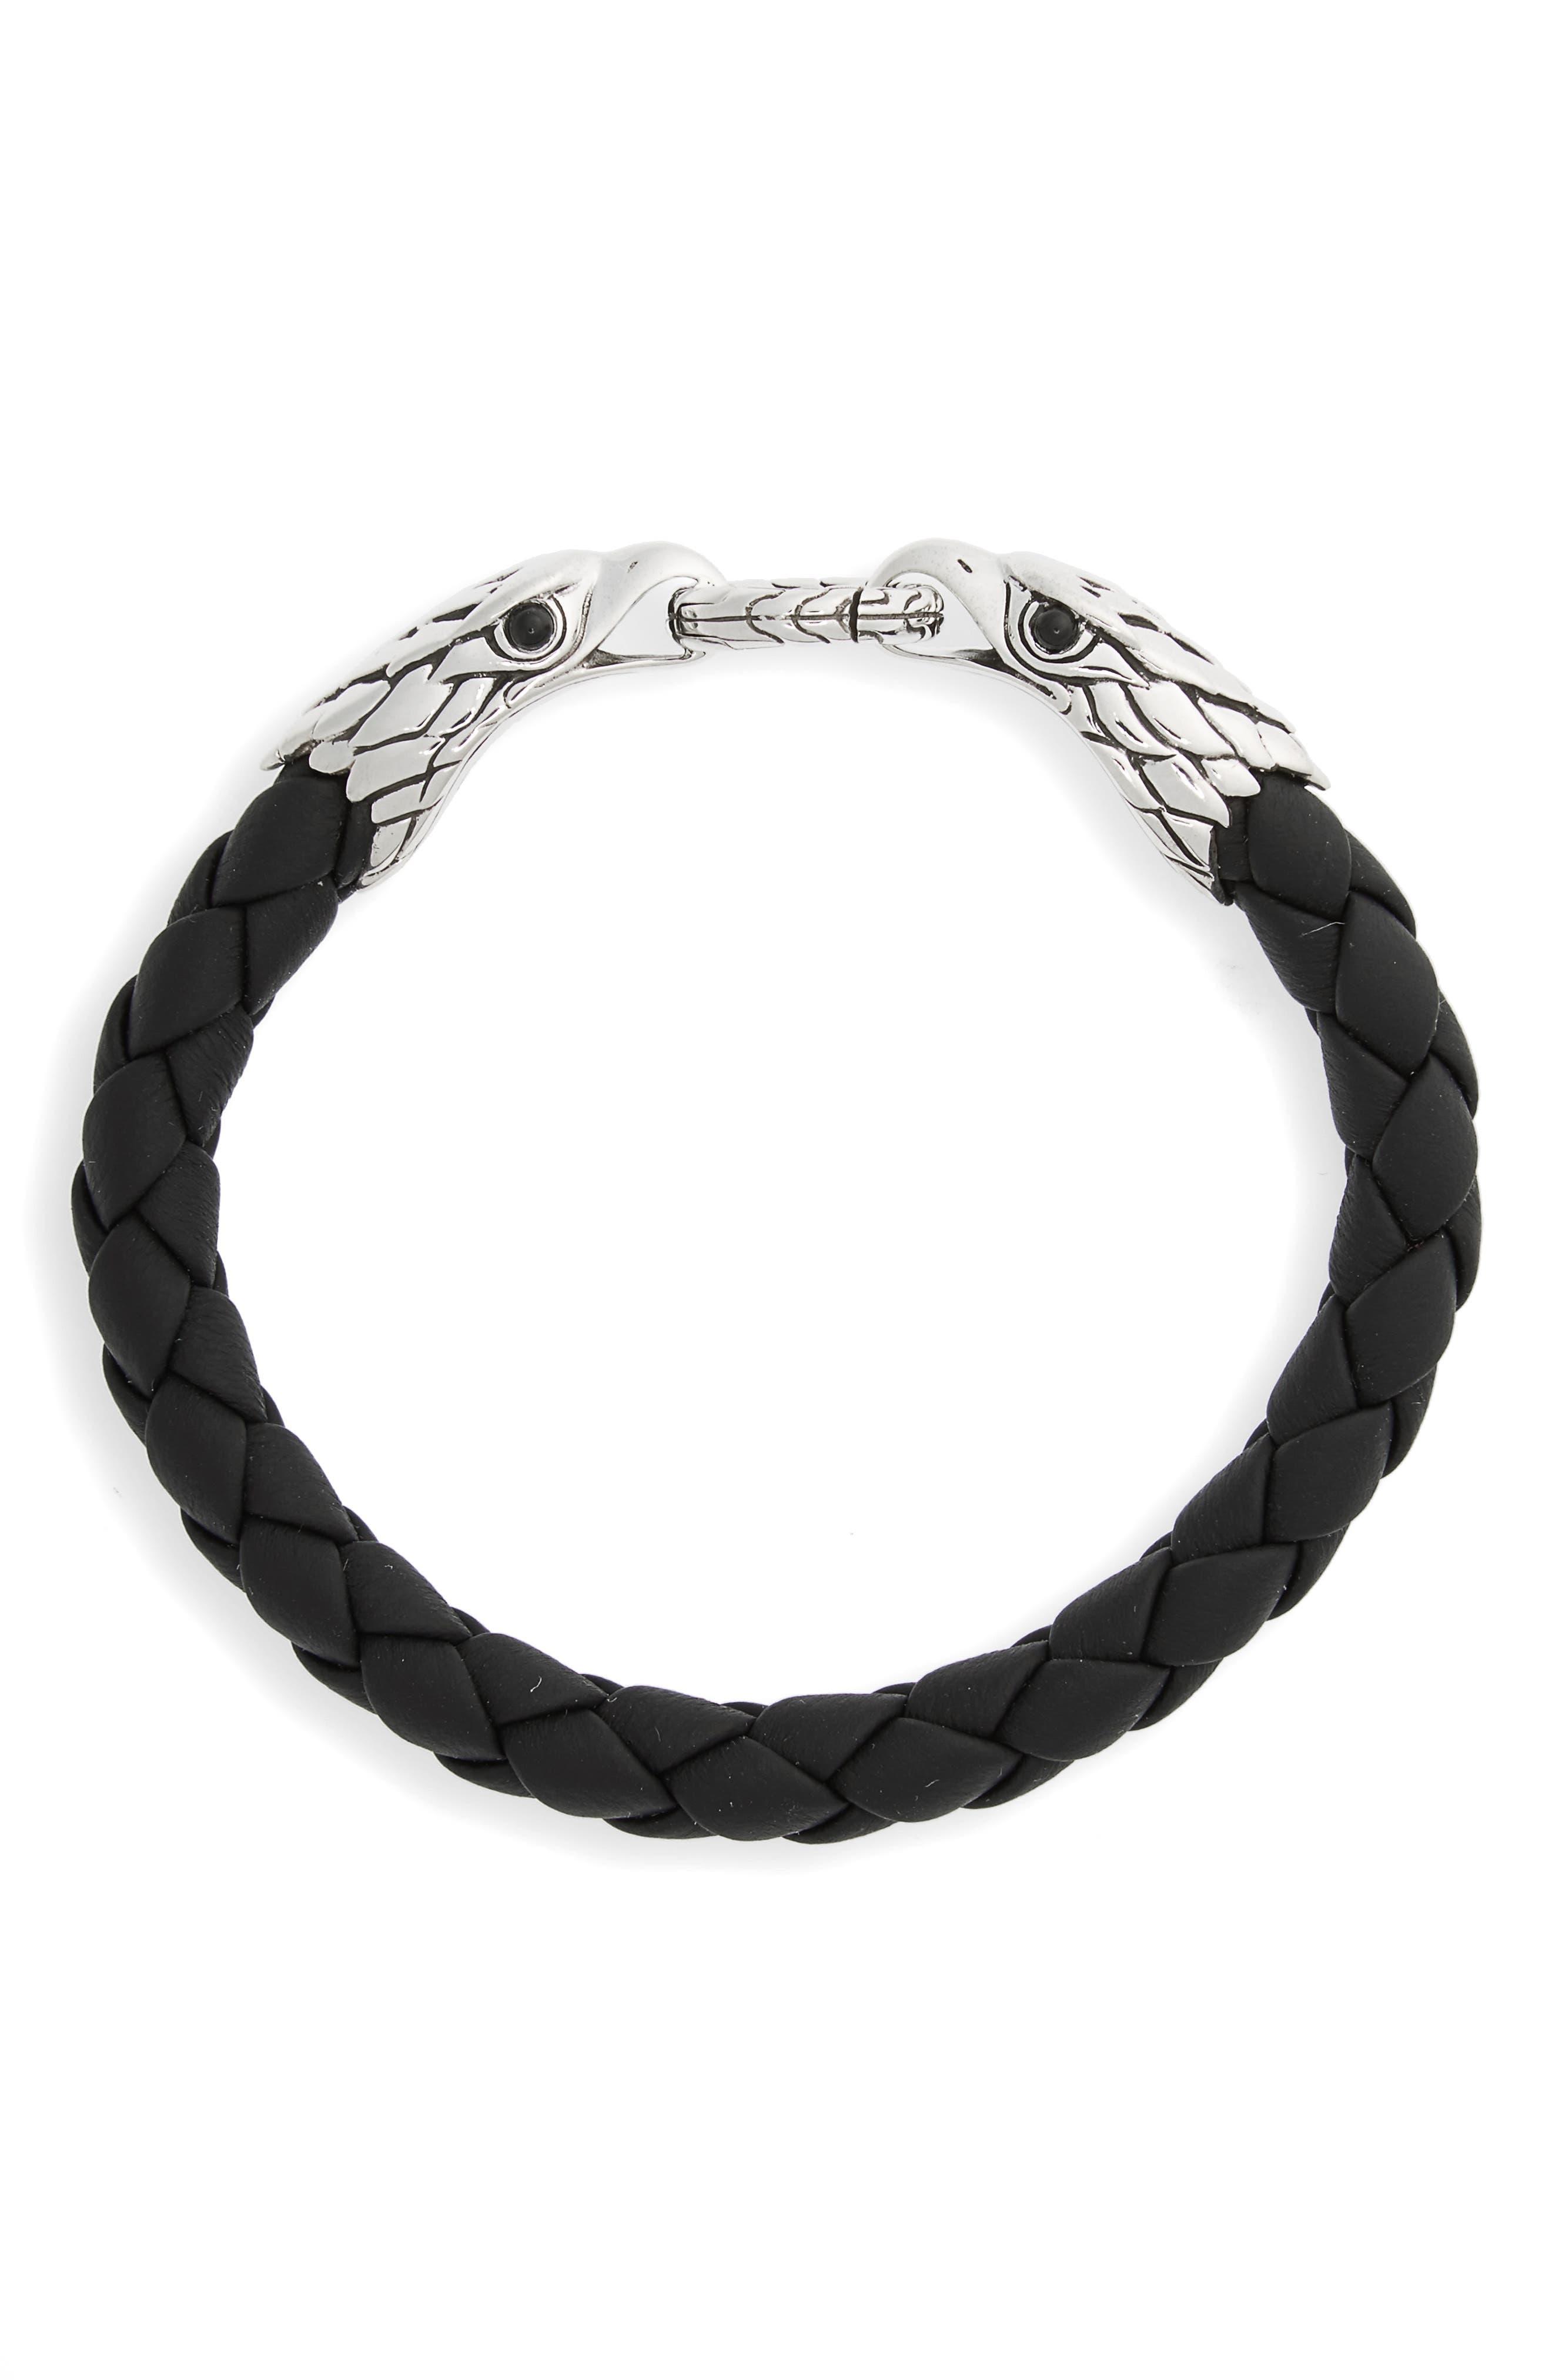 Legends Eagle Double Head Bracelet,                             Main thumbnail 1, color,                             Silver/ Black